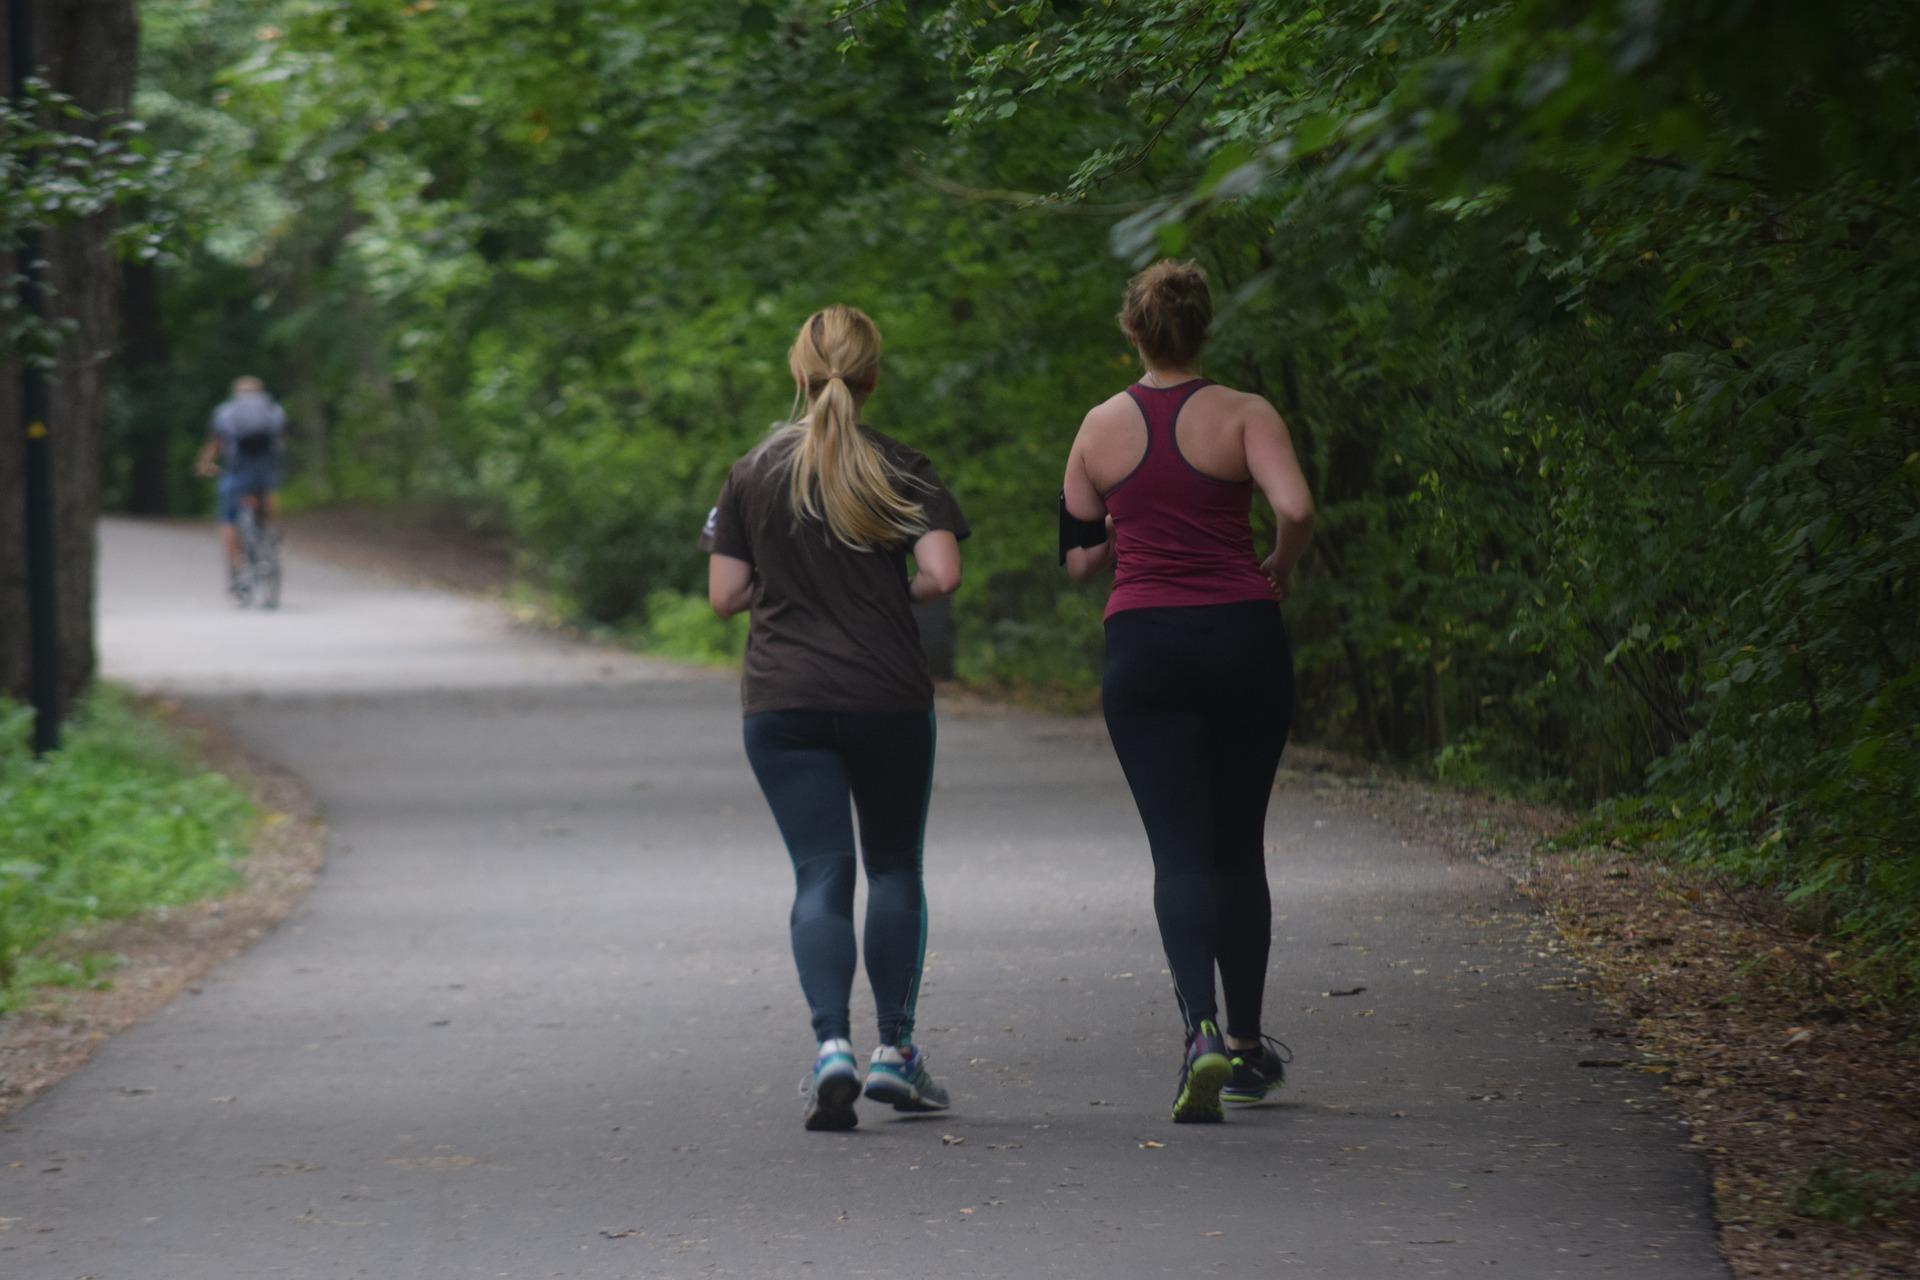 Biegam, a nie chudnę – co jest granie, gdzie robię  błąd